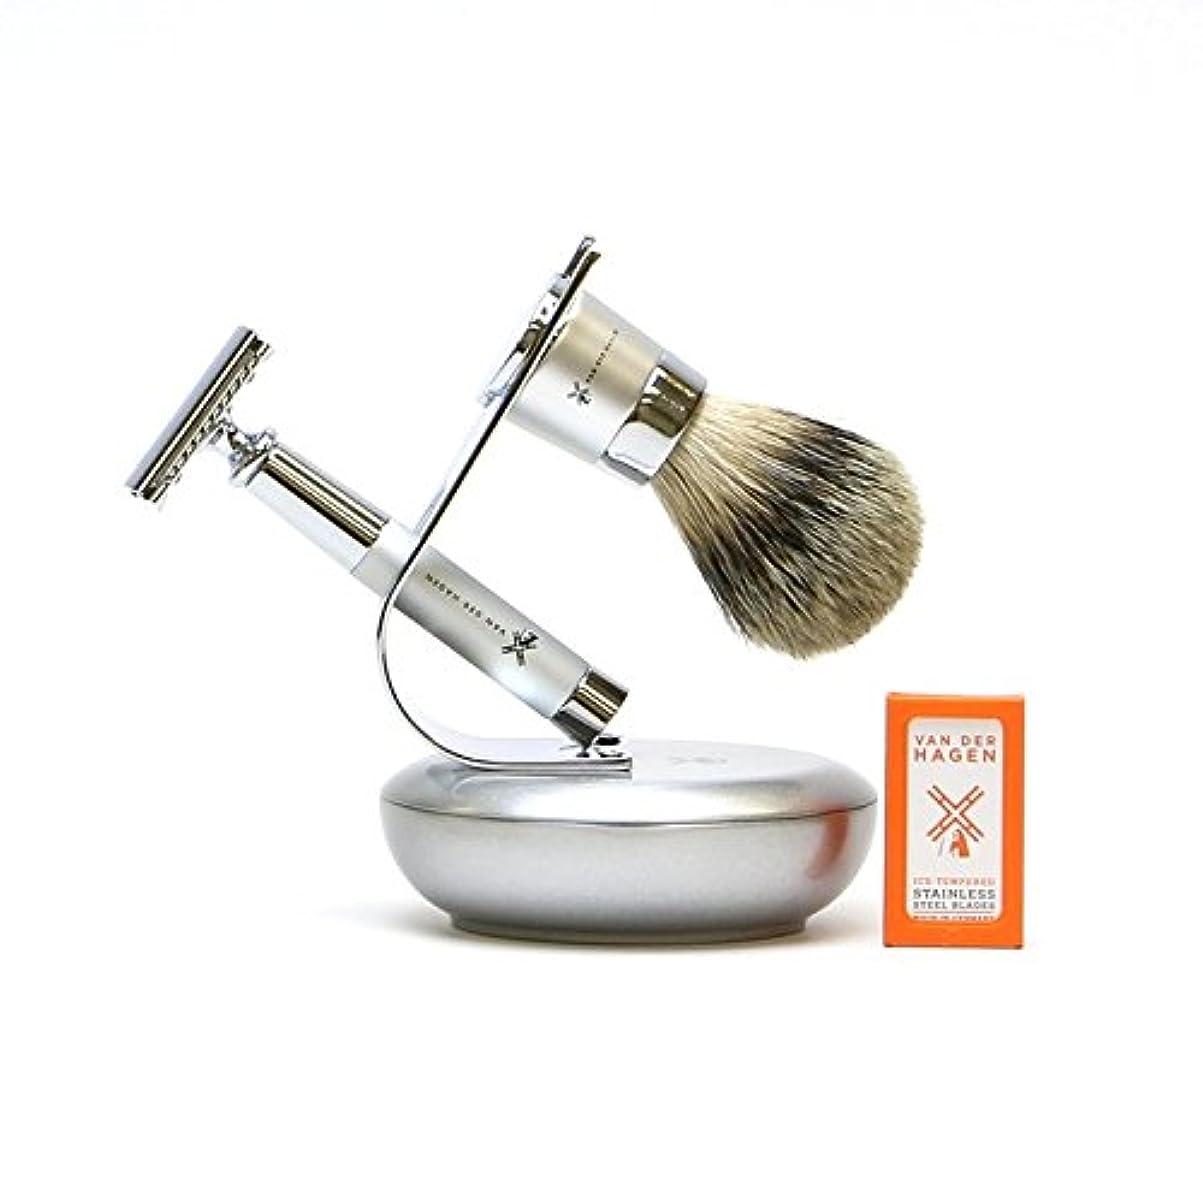 眩惑する筋取り替えるVANDERHAGEN(米) ウェットシェービングセット ジェットセット 両刃 髭剃り 替刃5枚付